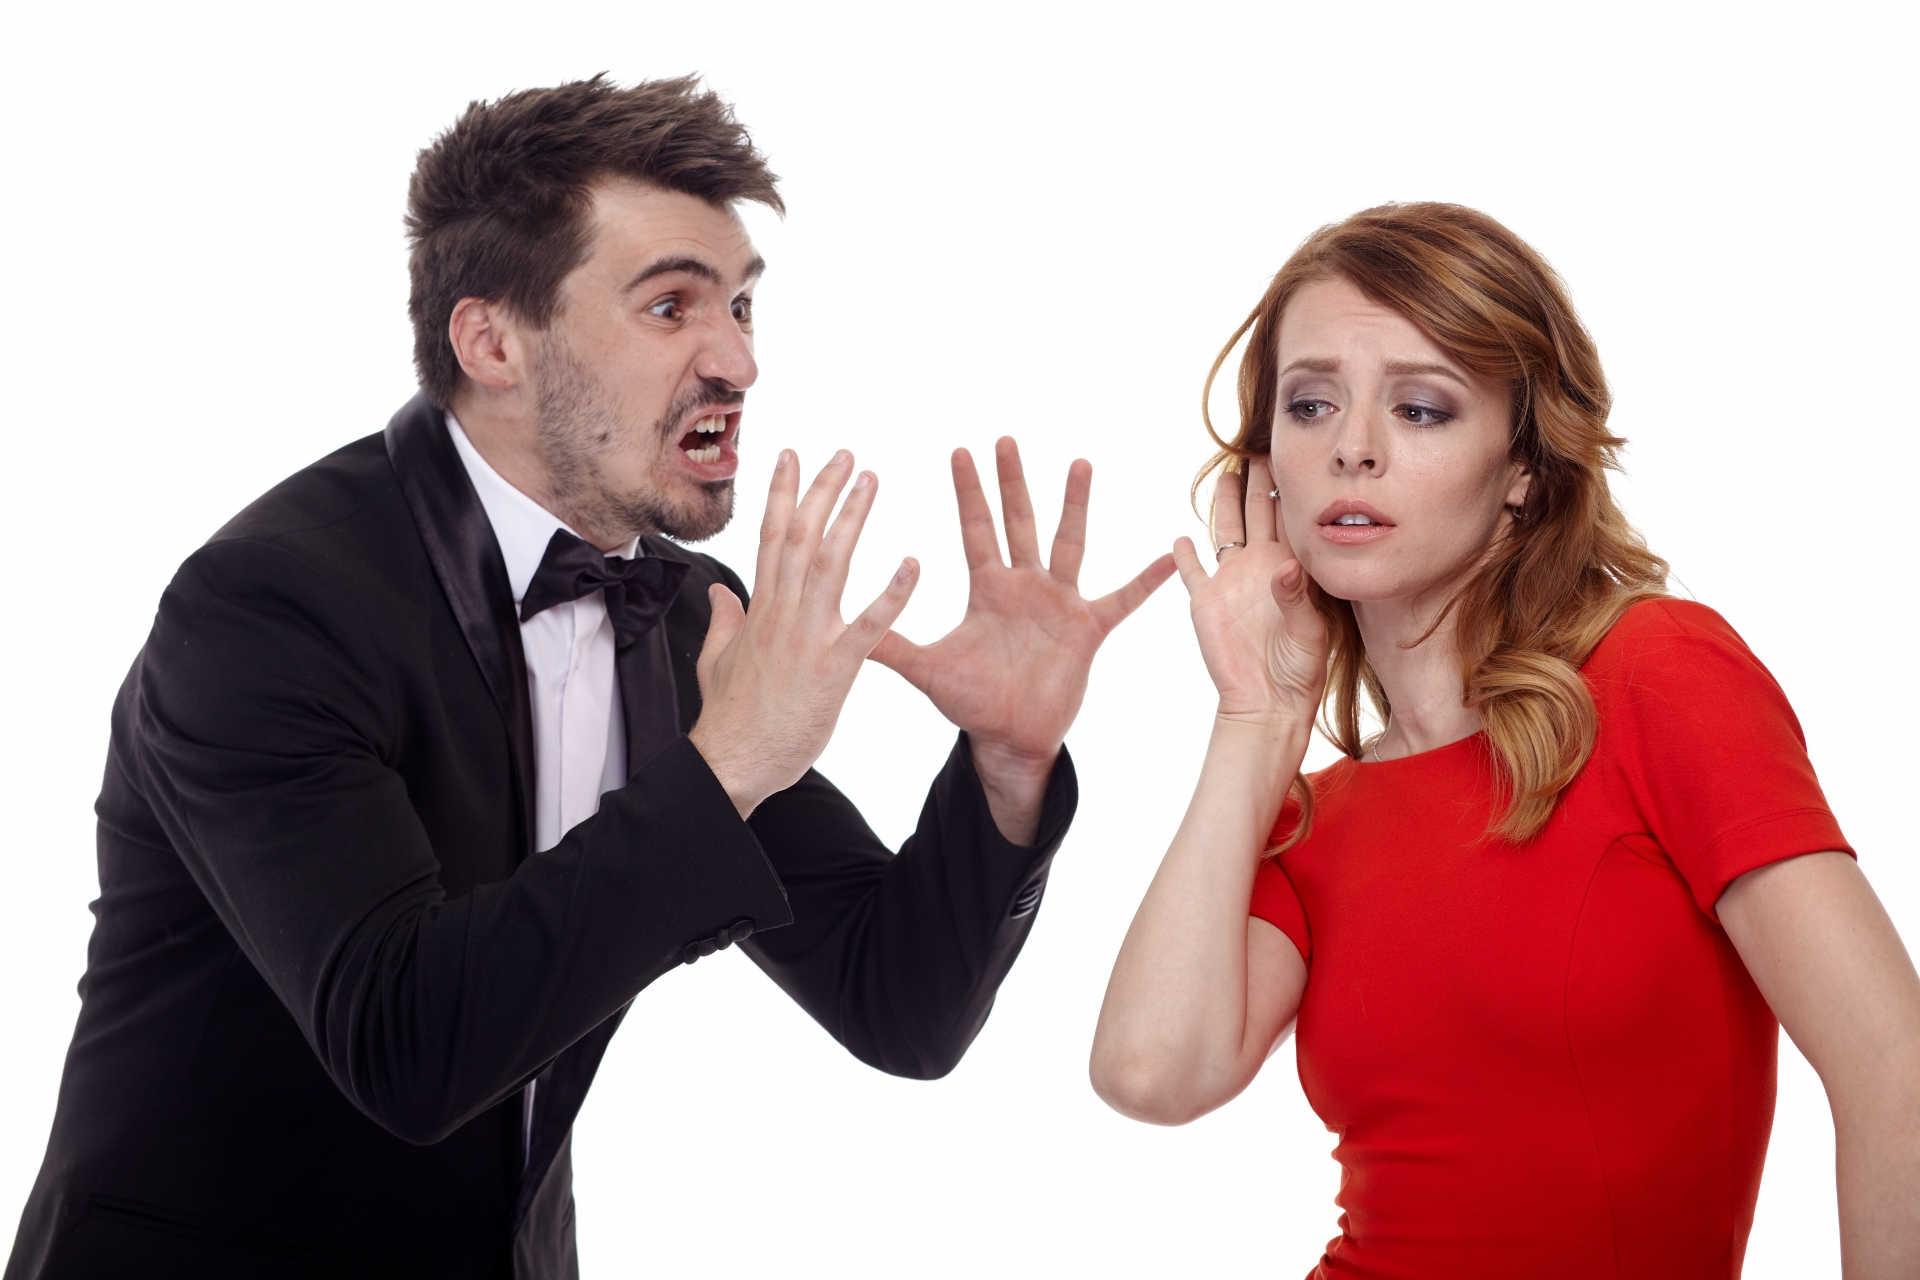 喧嘩をして言い訳をし合っている男女